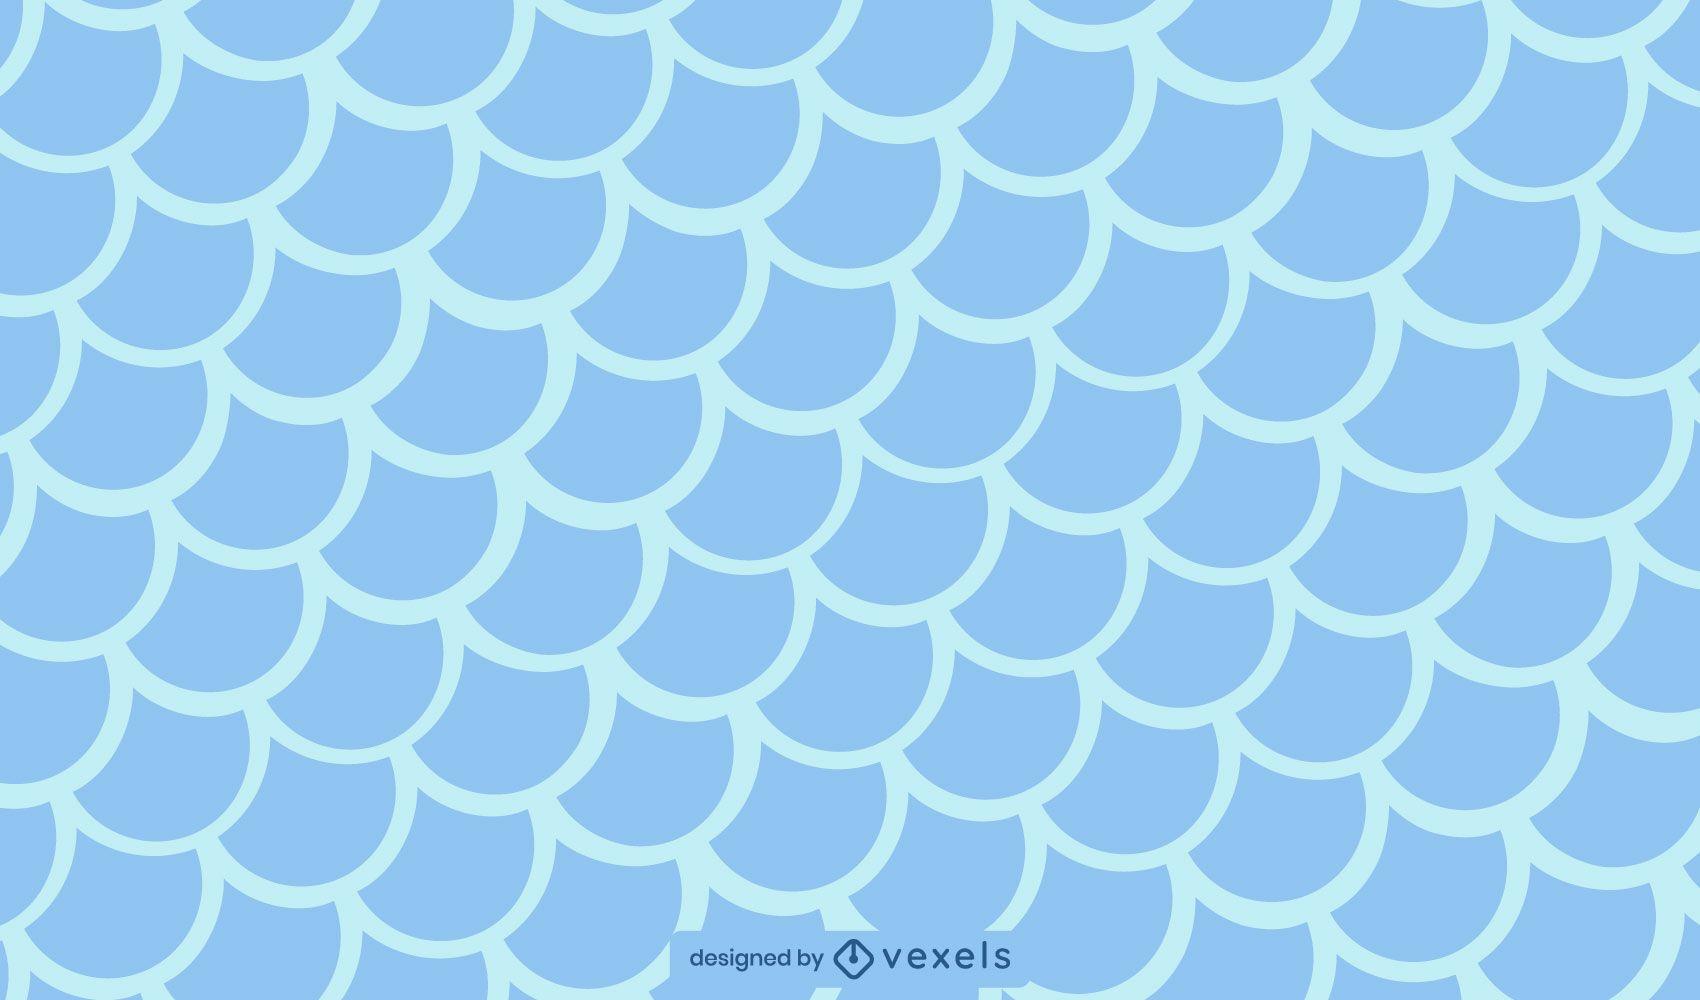 Patrón de textura de escamas de pescado